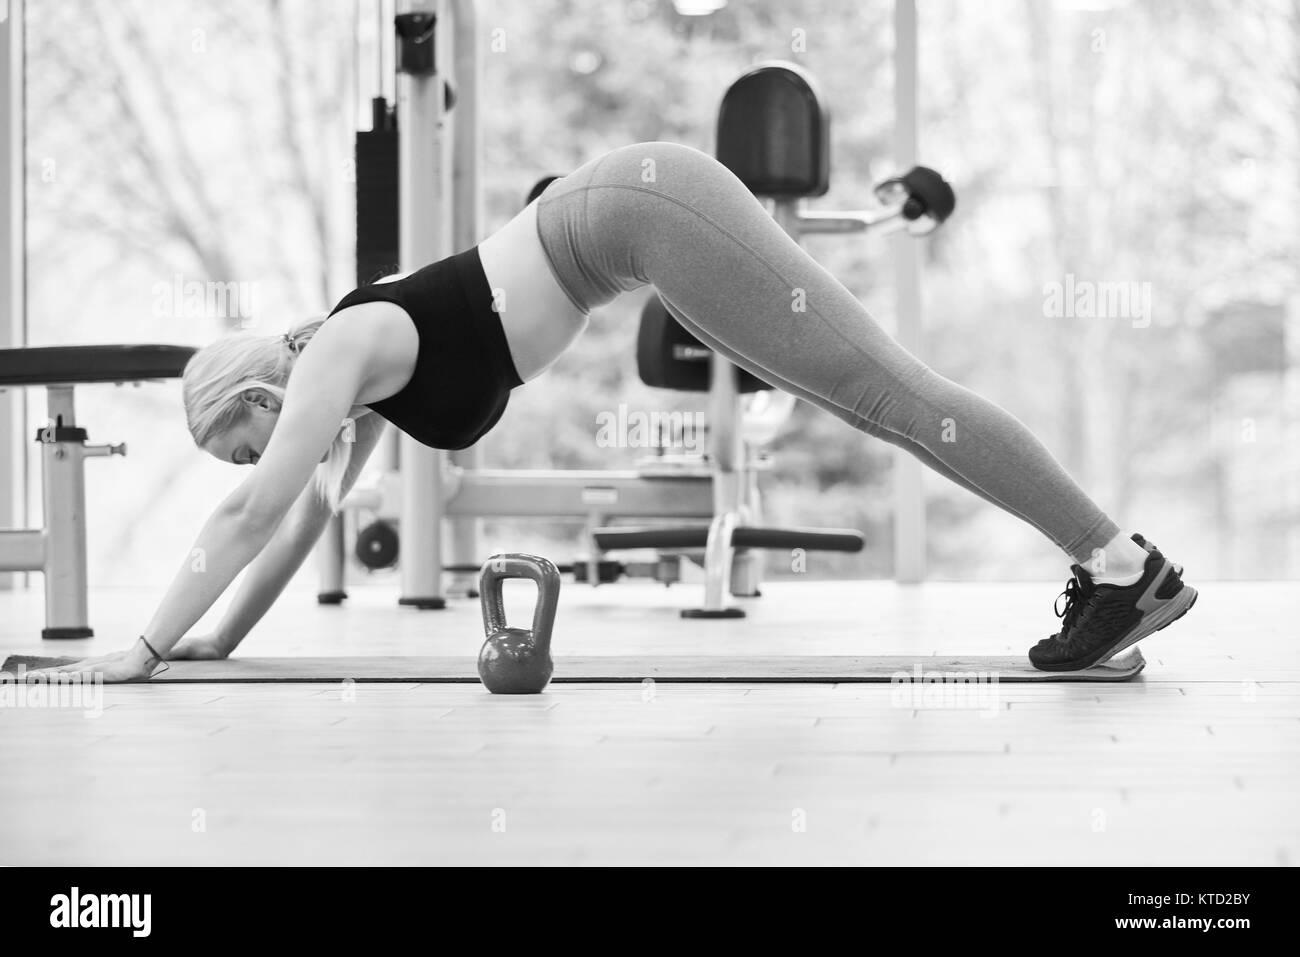 Kettlebell training in modern gym - Stock Image